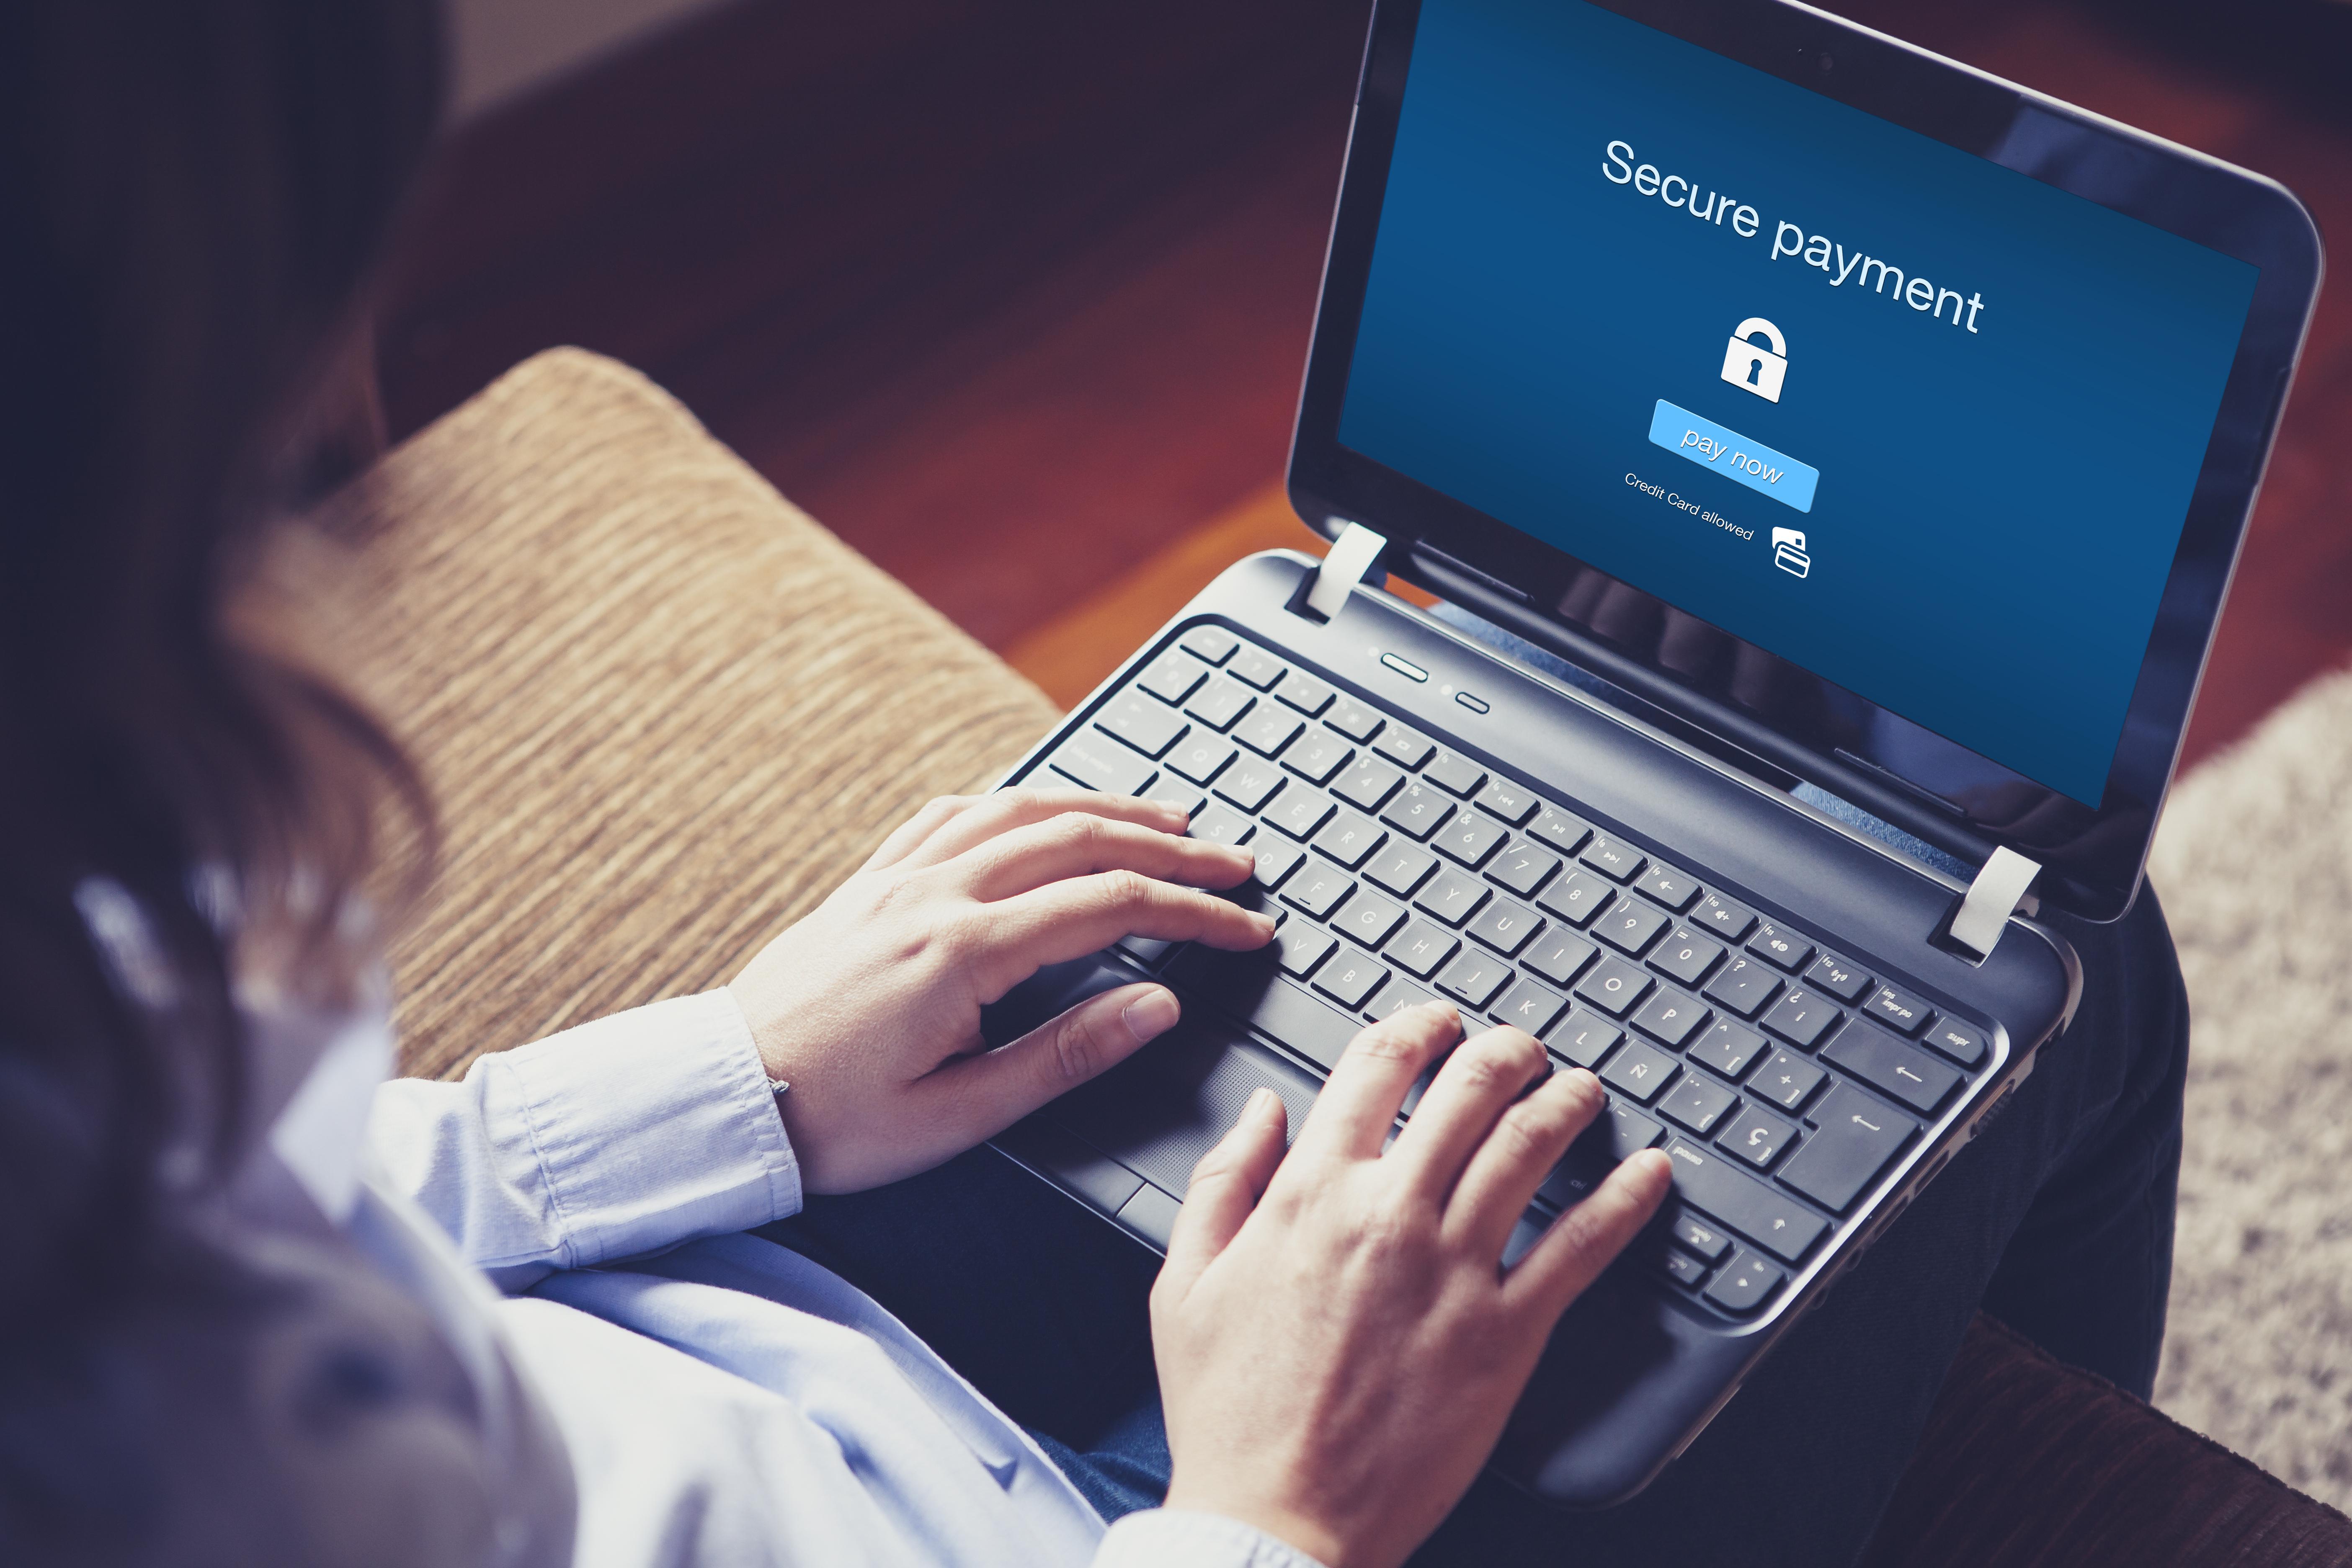 Compliance – ab Mai 2018 tritt die neue EU-Gesetzgebung zum Datenschutz (DSGVO) in Kraft